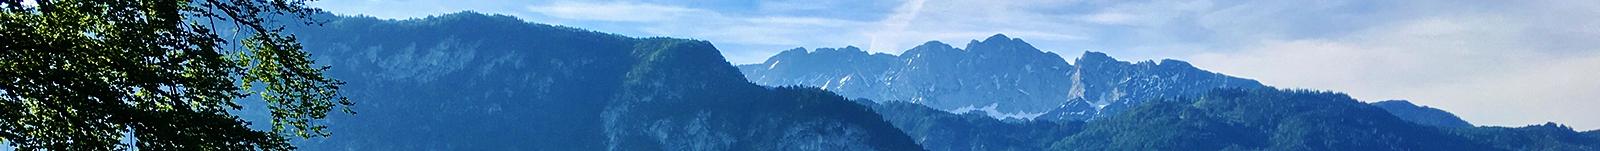 Gebirgskette des Kaisergeirges vom bayrischen Inntal aus gesehen